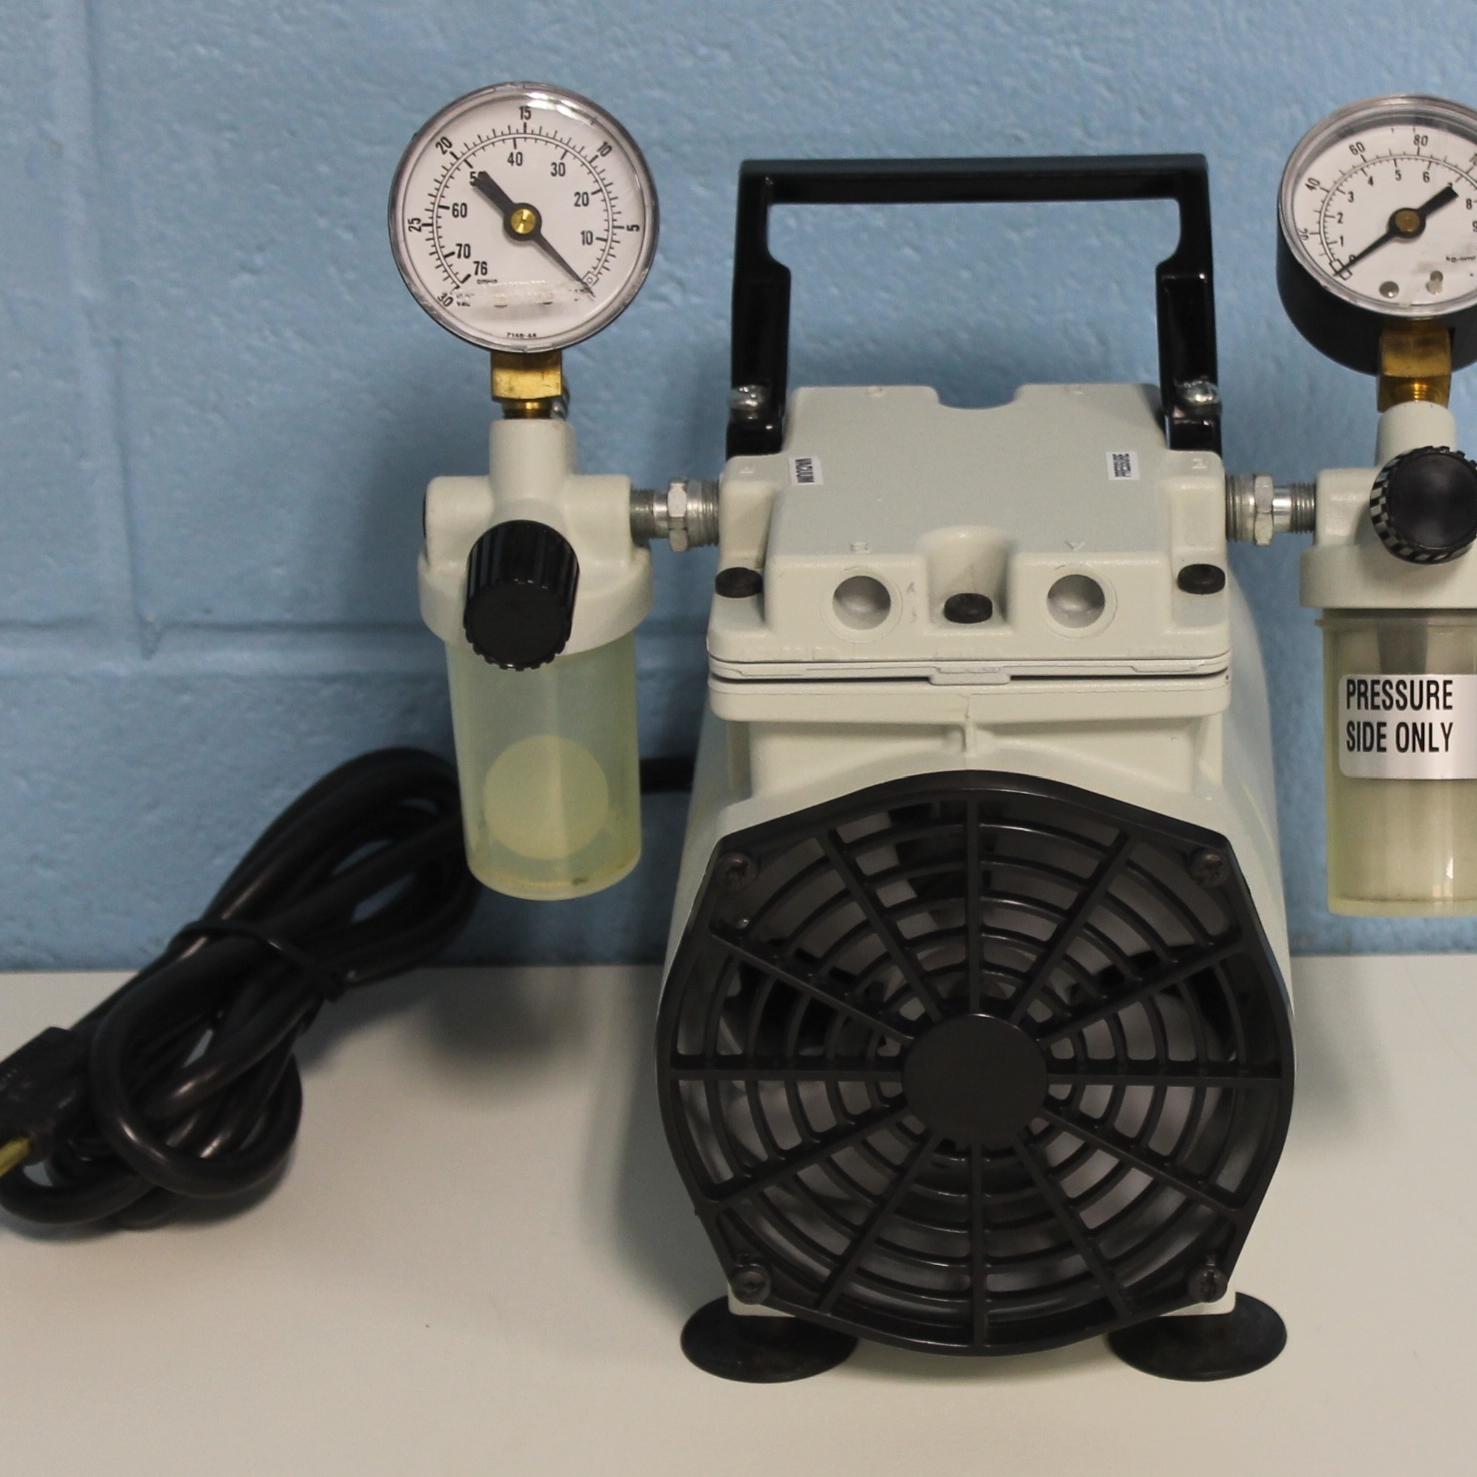 WOB-L Piston Pressure Vacuum Pump Model 2522B-01 Name